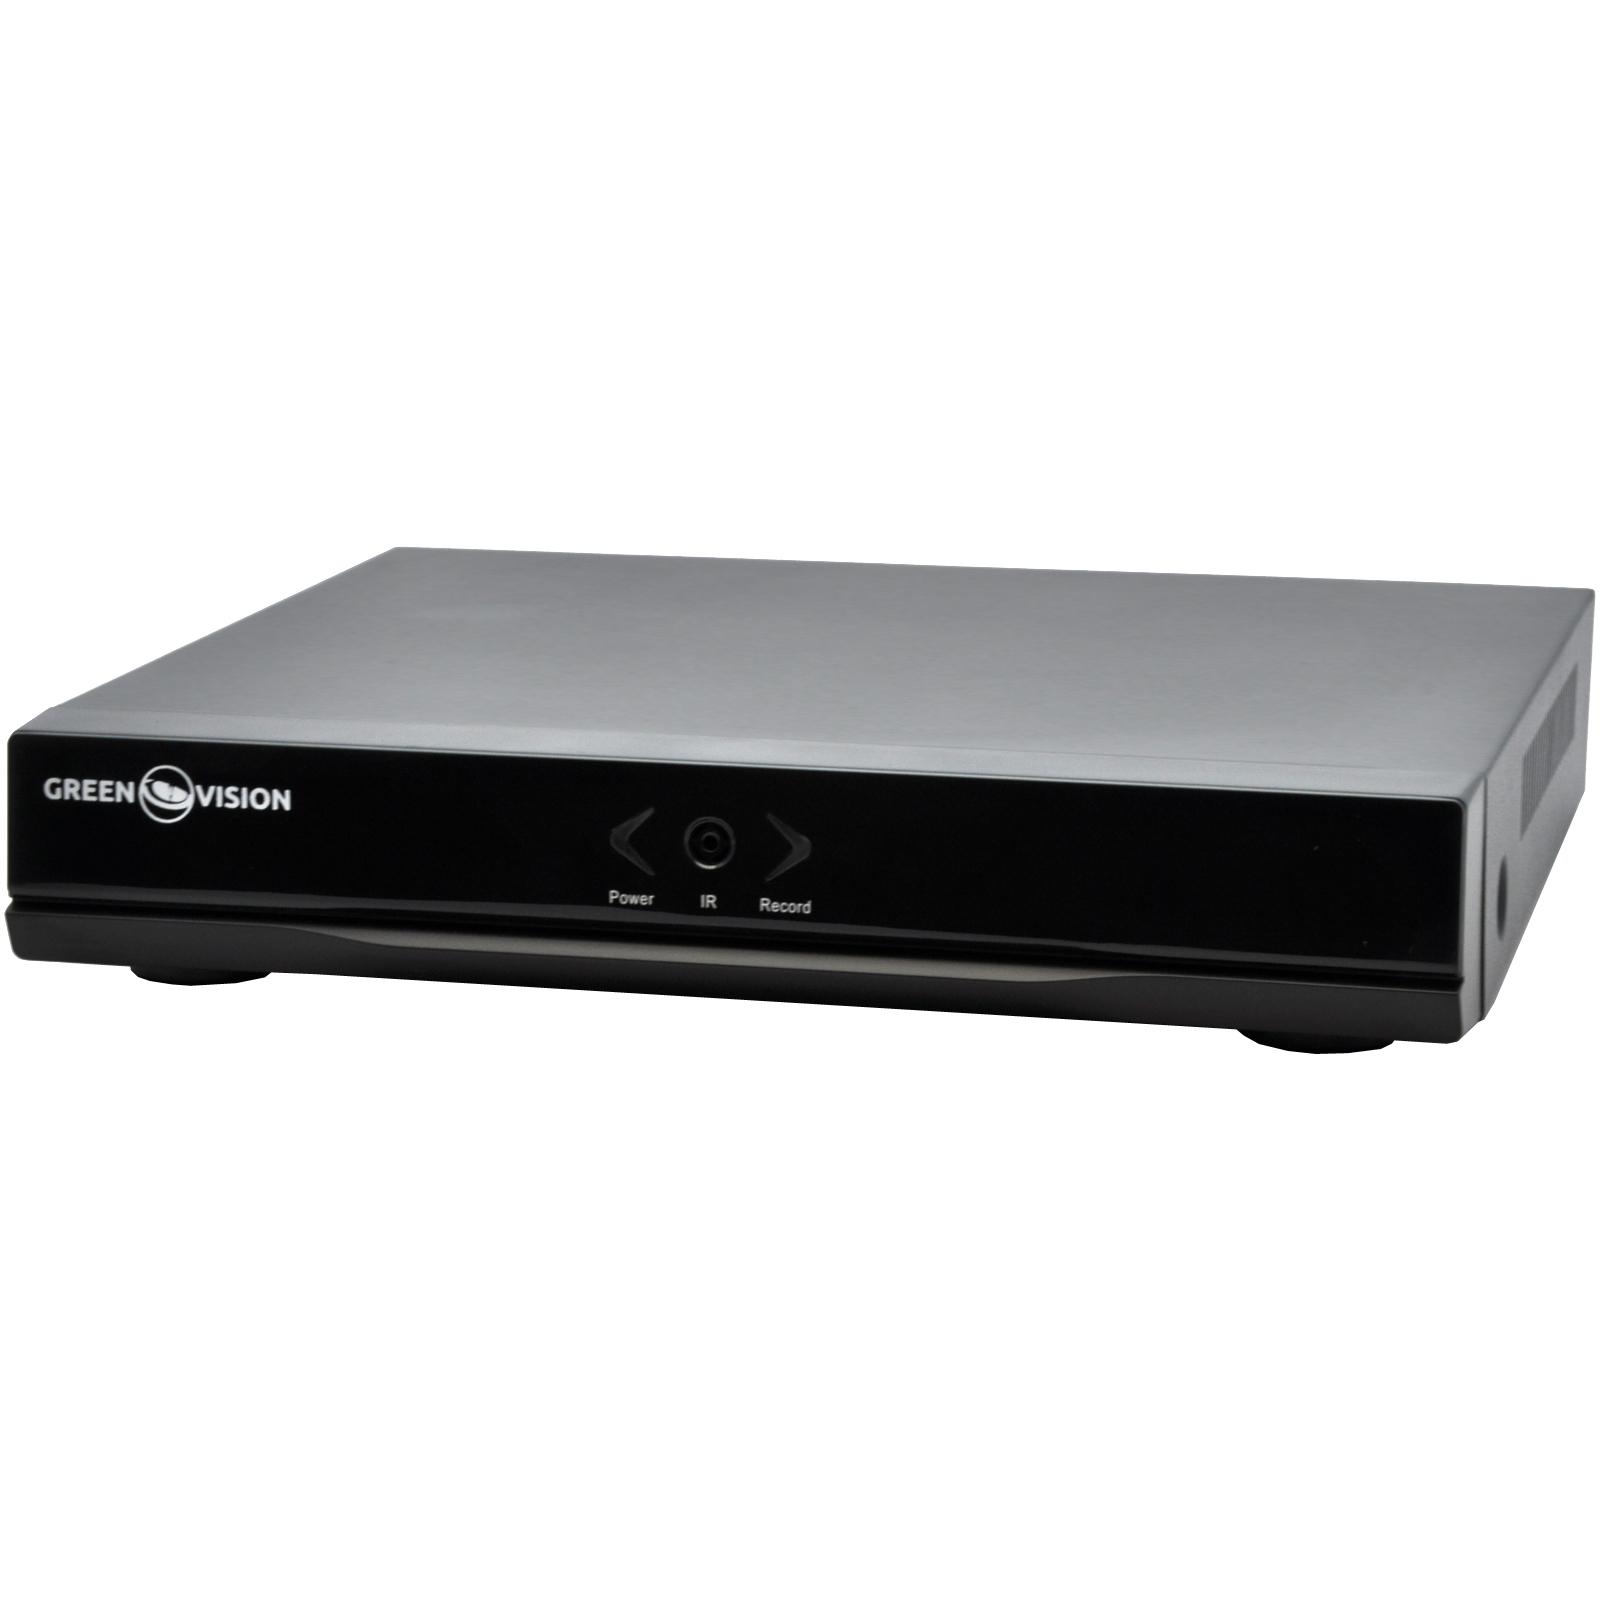 Регистратор для видеонаблюдения GreenVision AHD GV-A-S 030/04 (4237)